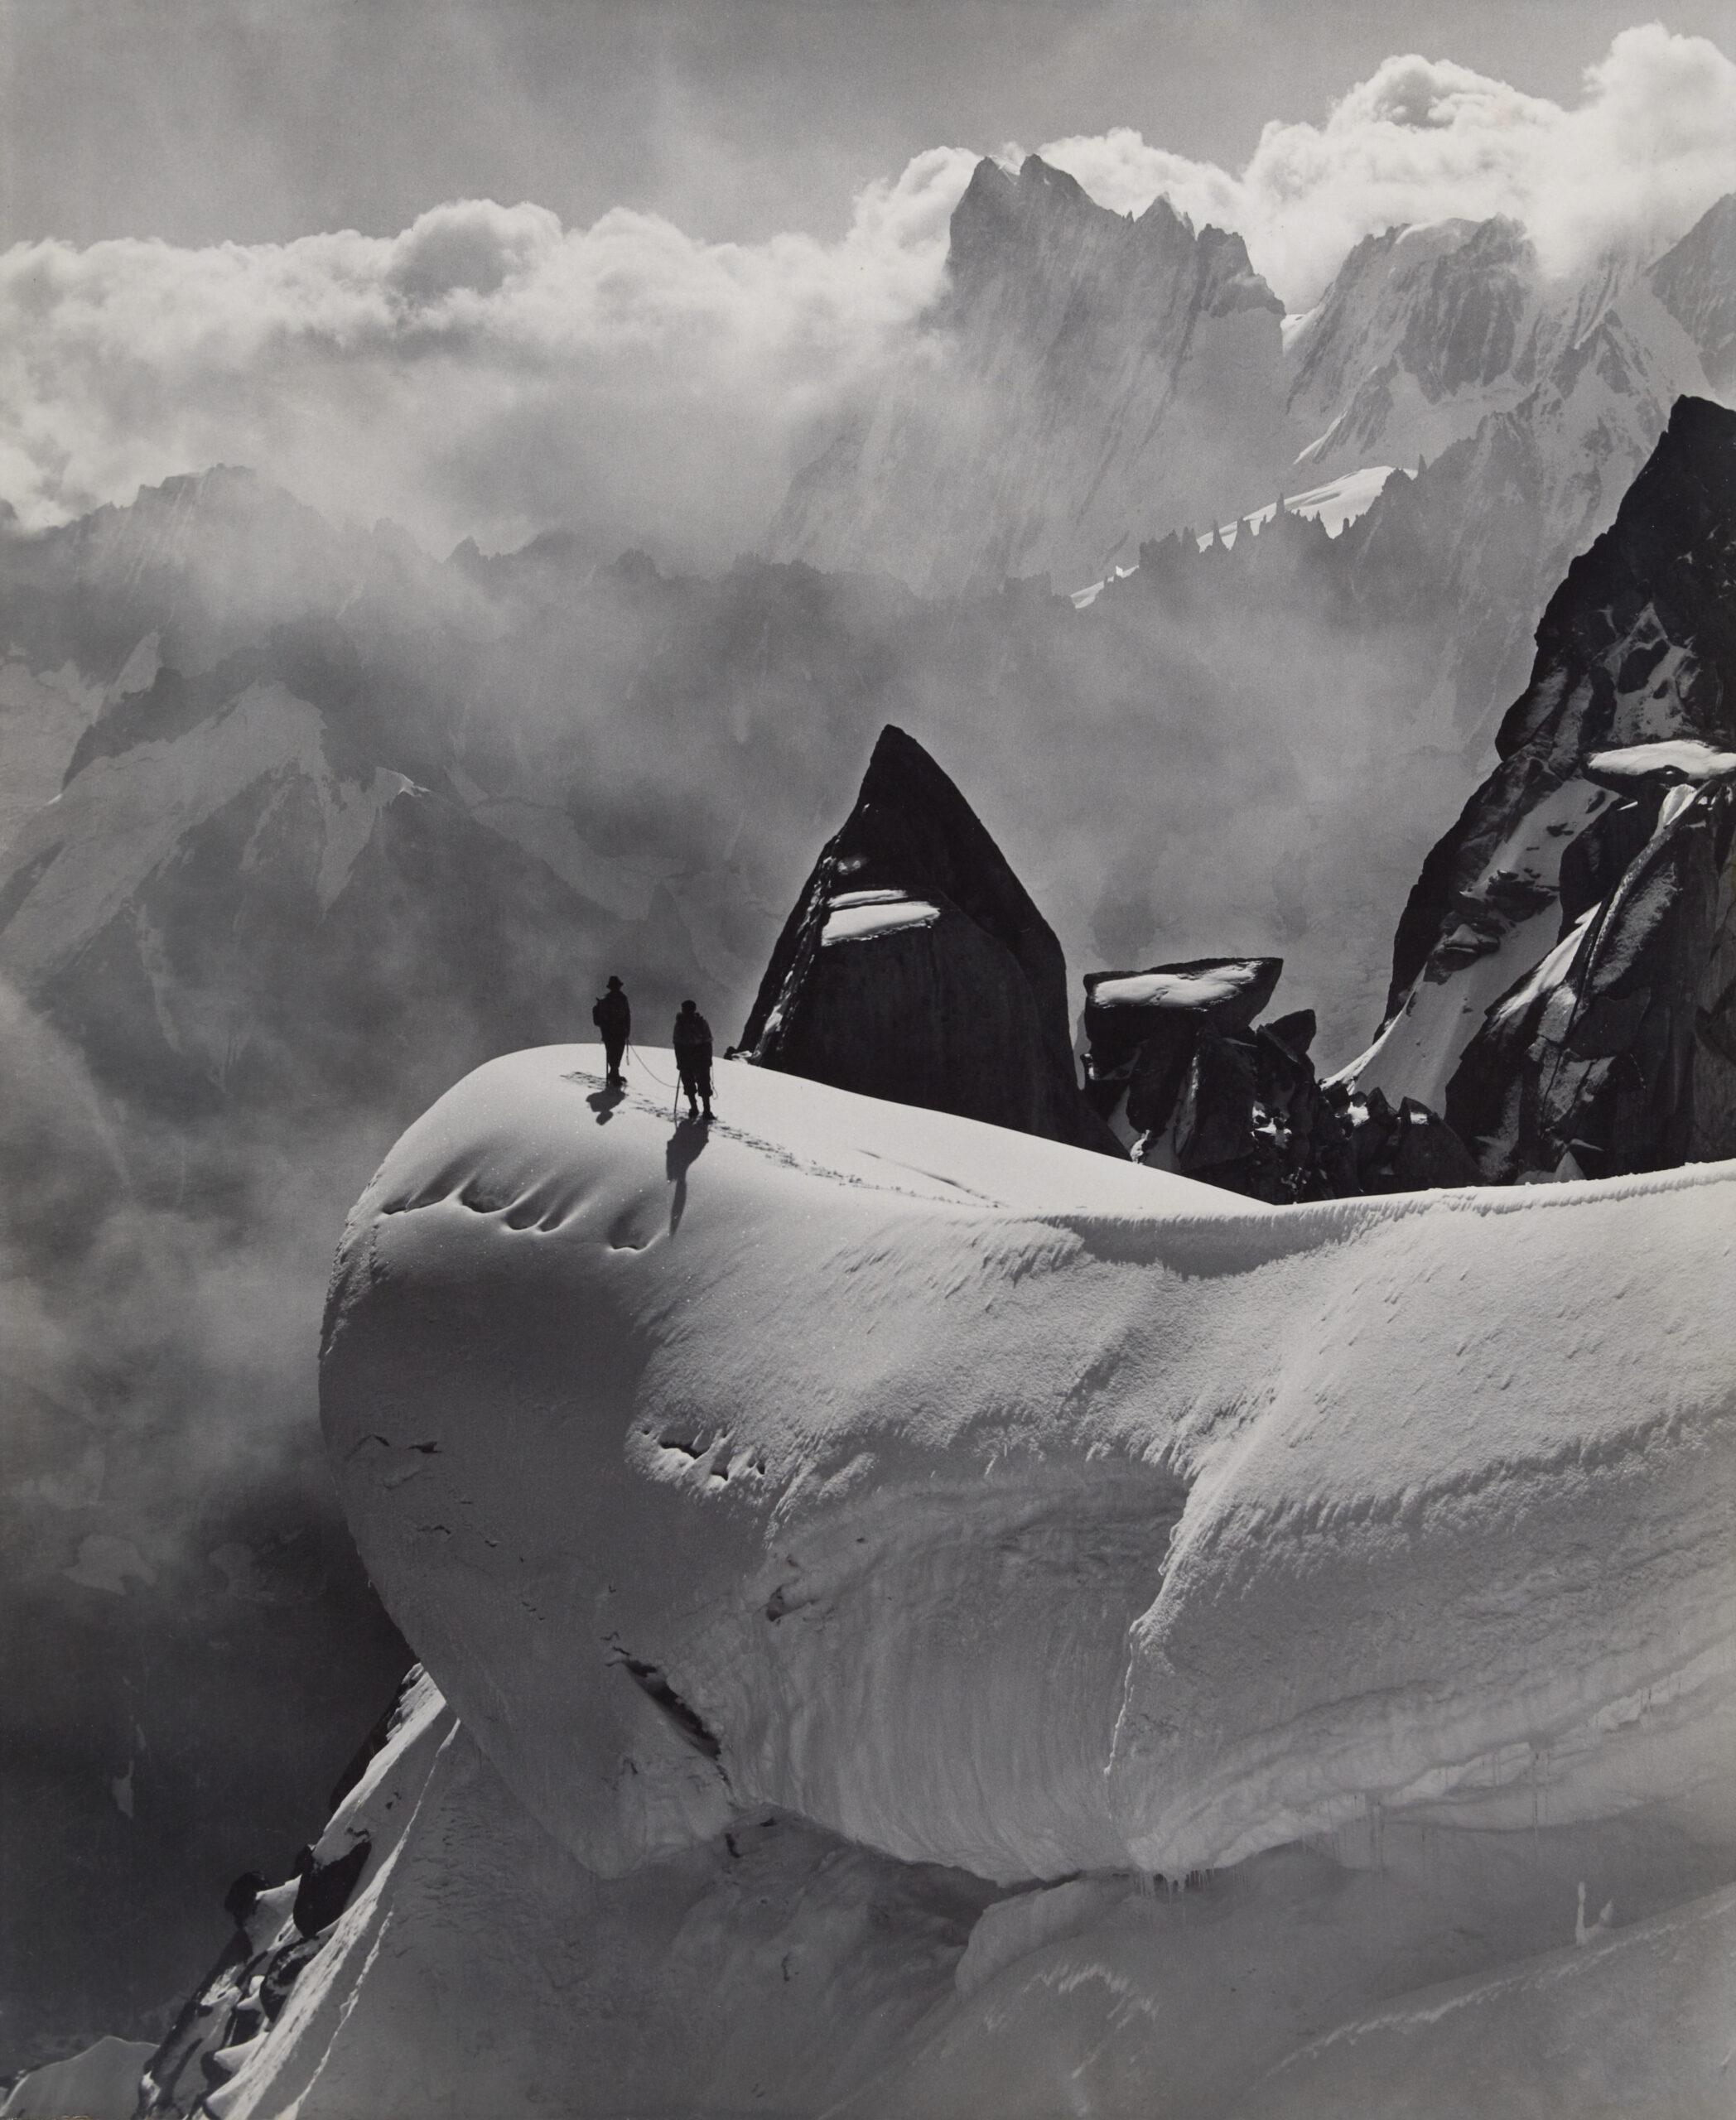 Georges Tairraz II, Traversée de l'aiguille du Midi à l'aiguille du Plan, Massif du Mont-Blanc, 1932, épreuve au gélatino-bromure d'argent. © Collection Crispini, Genève